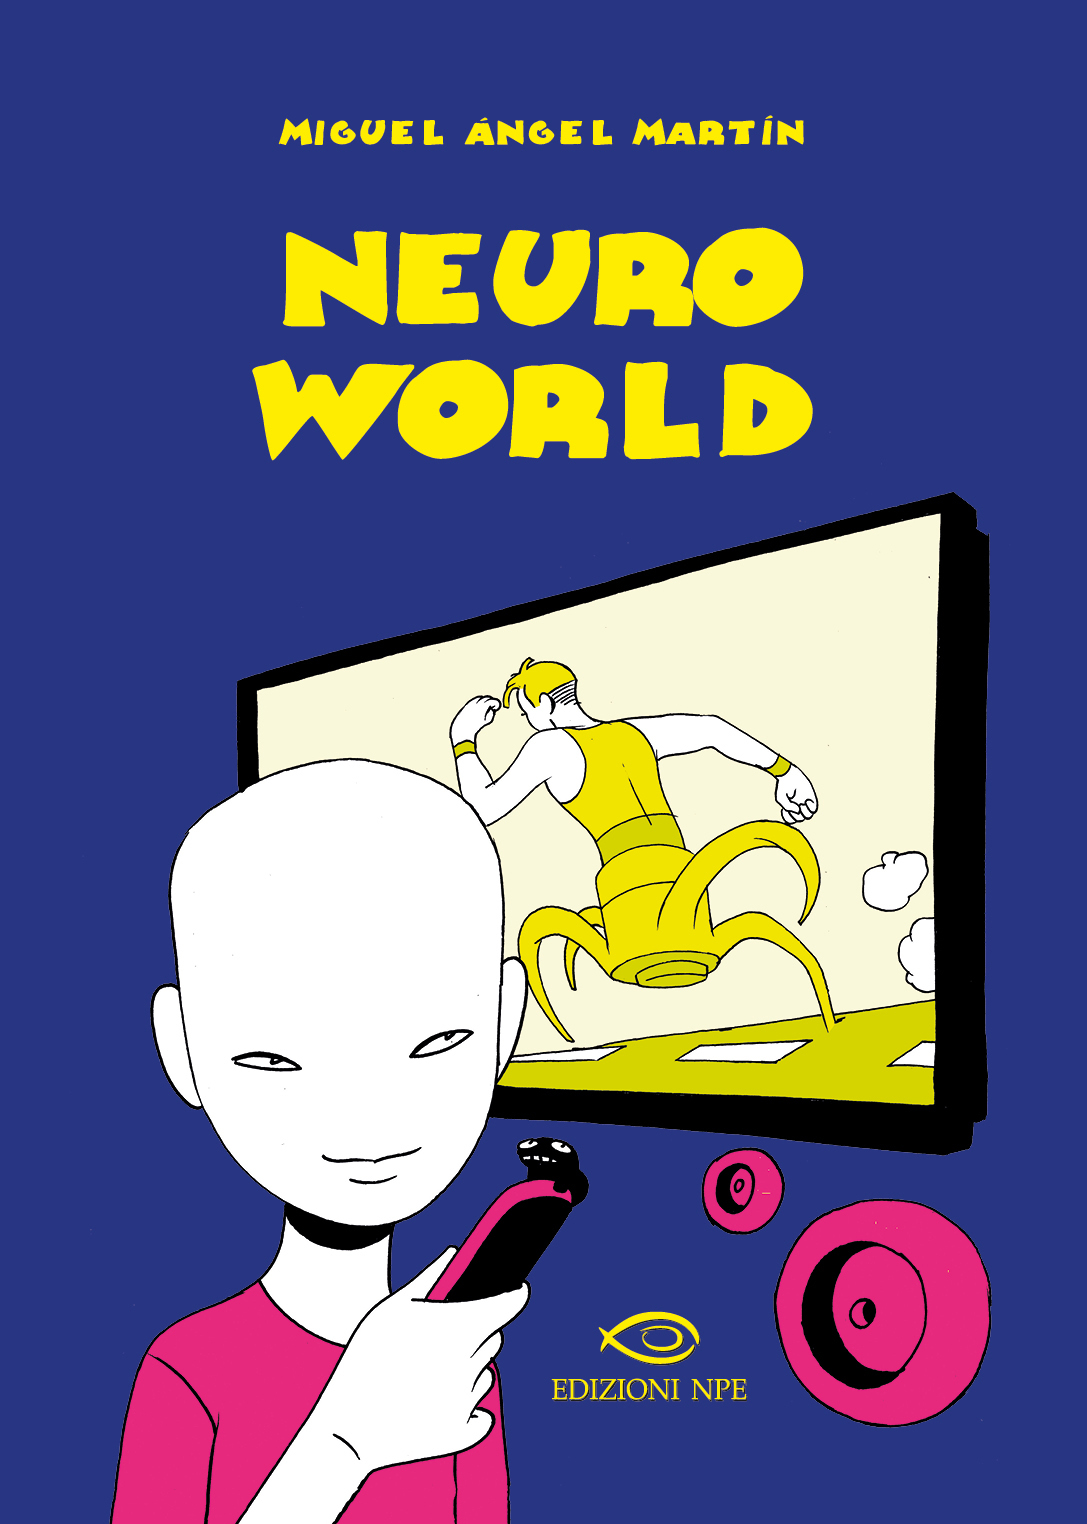 la cover di neuroworld - nerdface